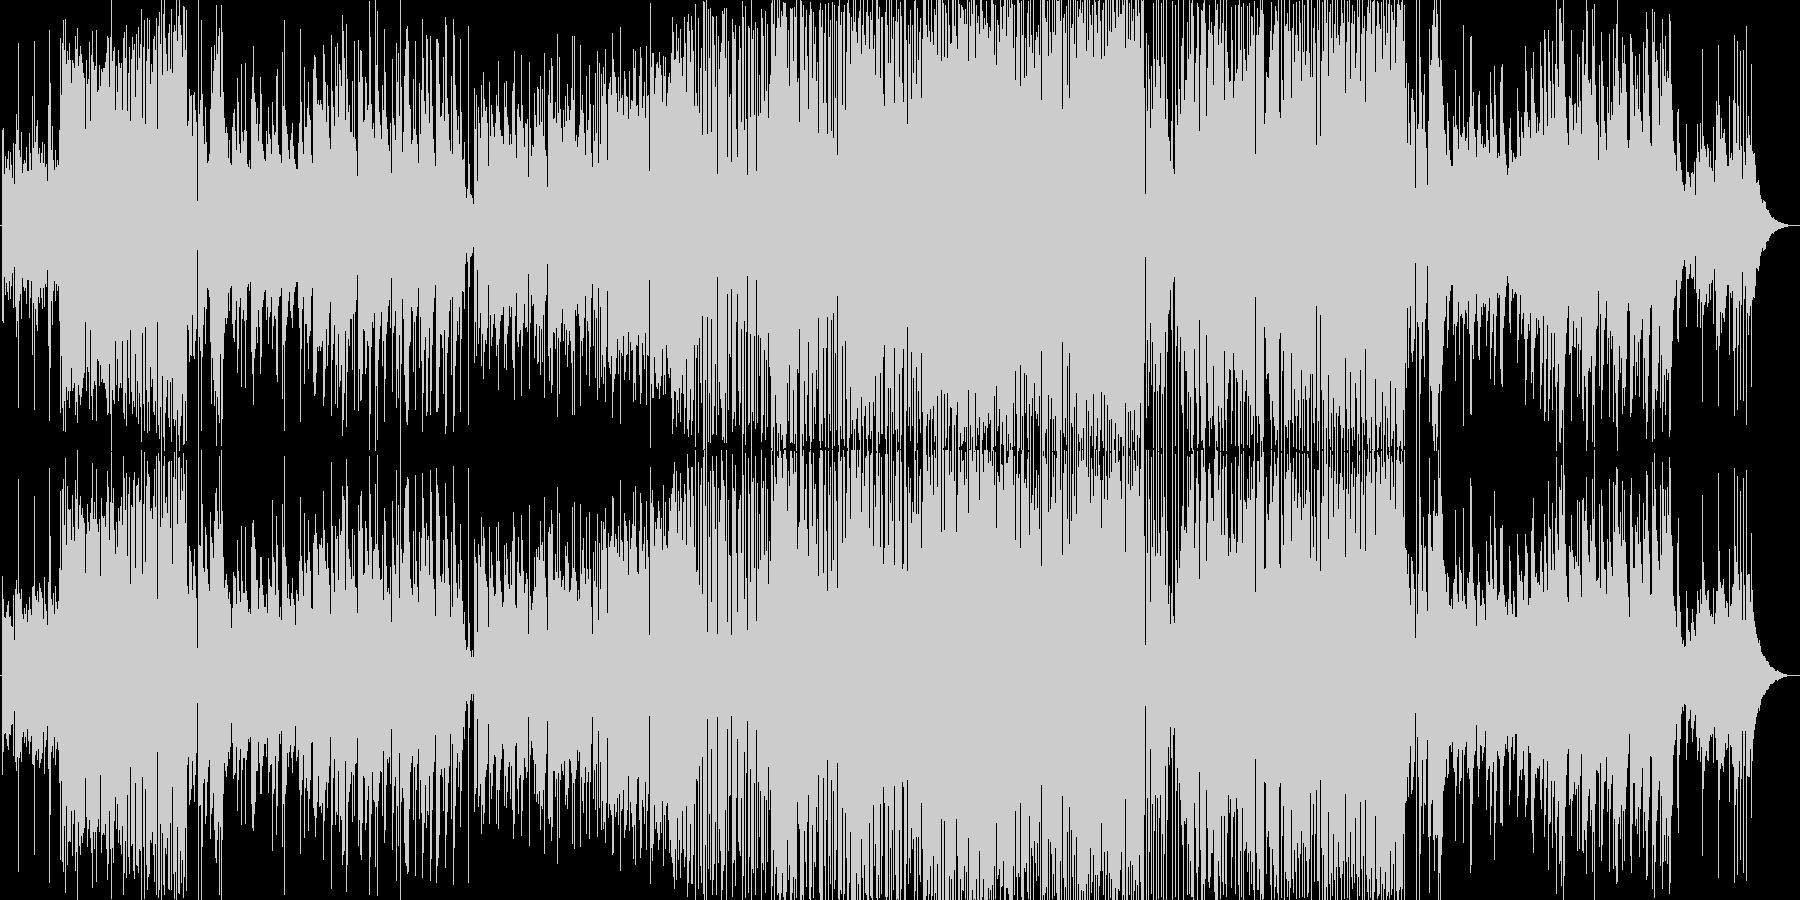 ピアノメインの幻想的で緊張感のある曲ですの未再生の波形